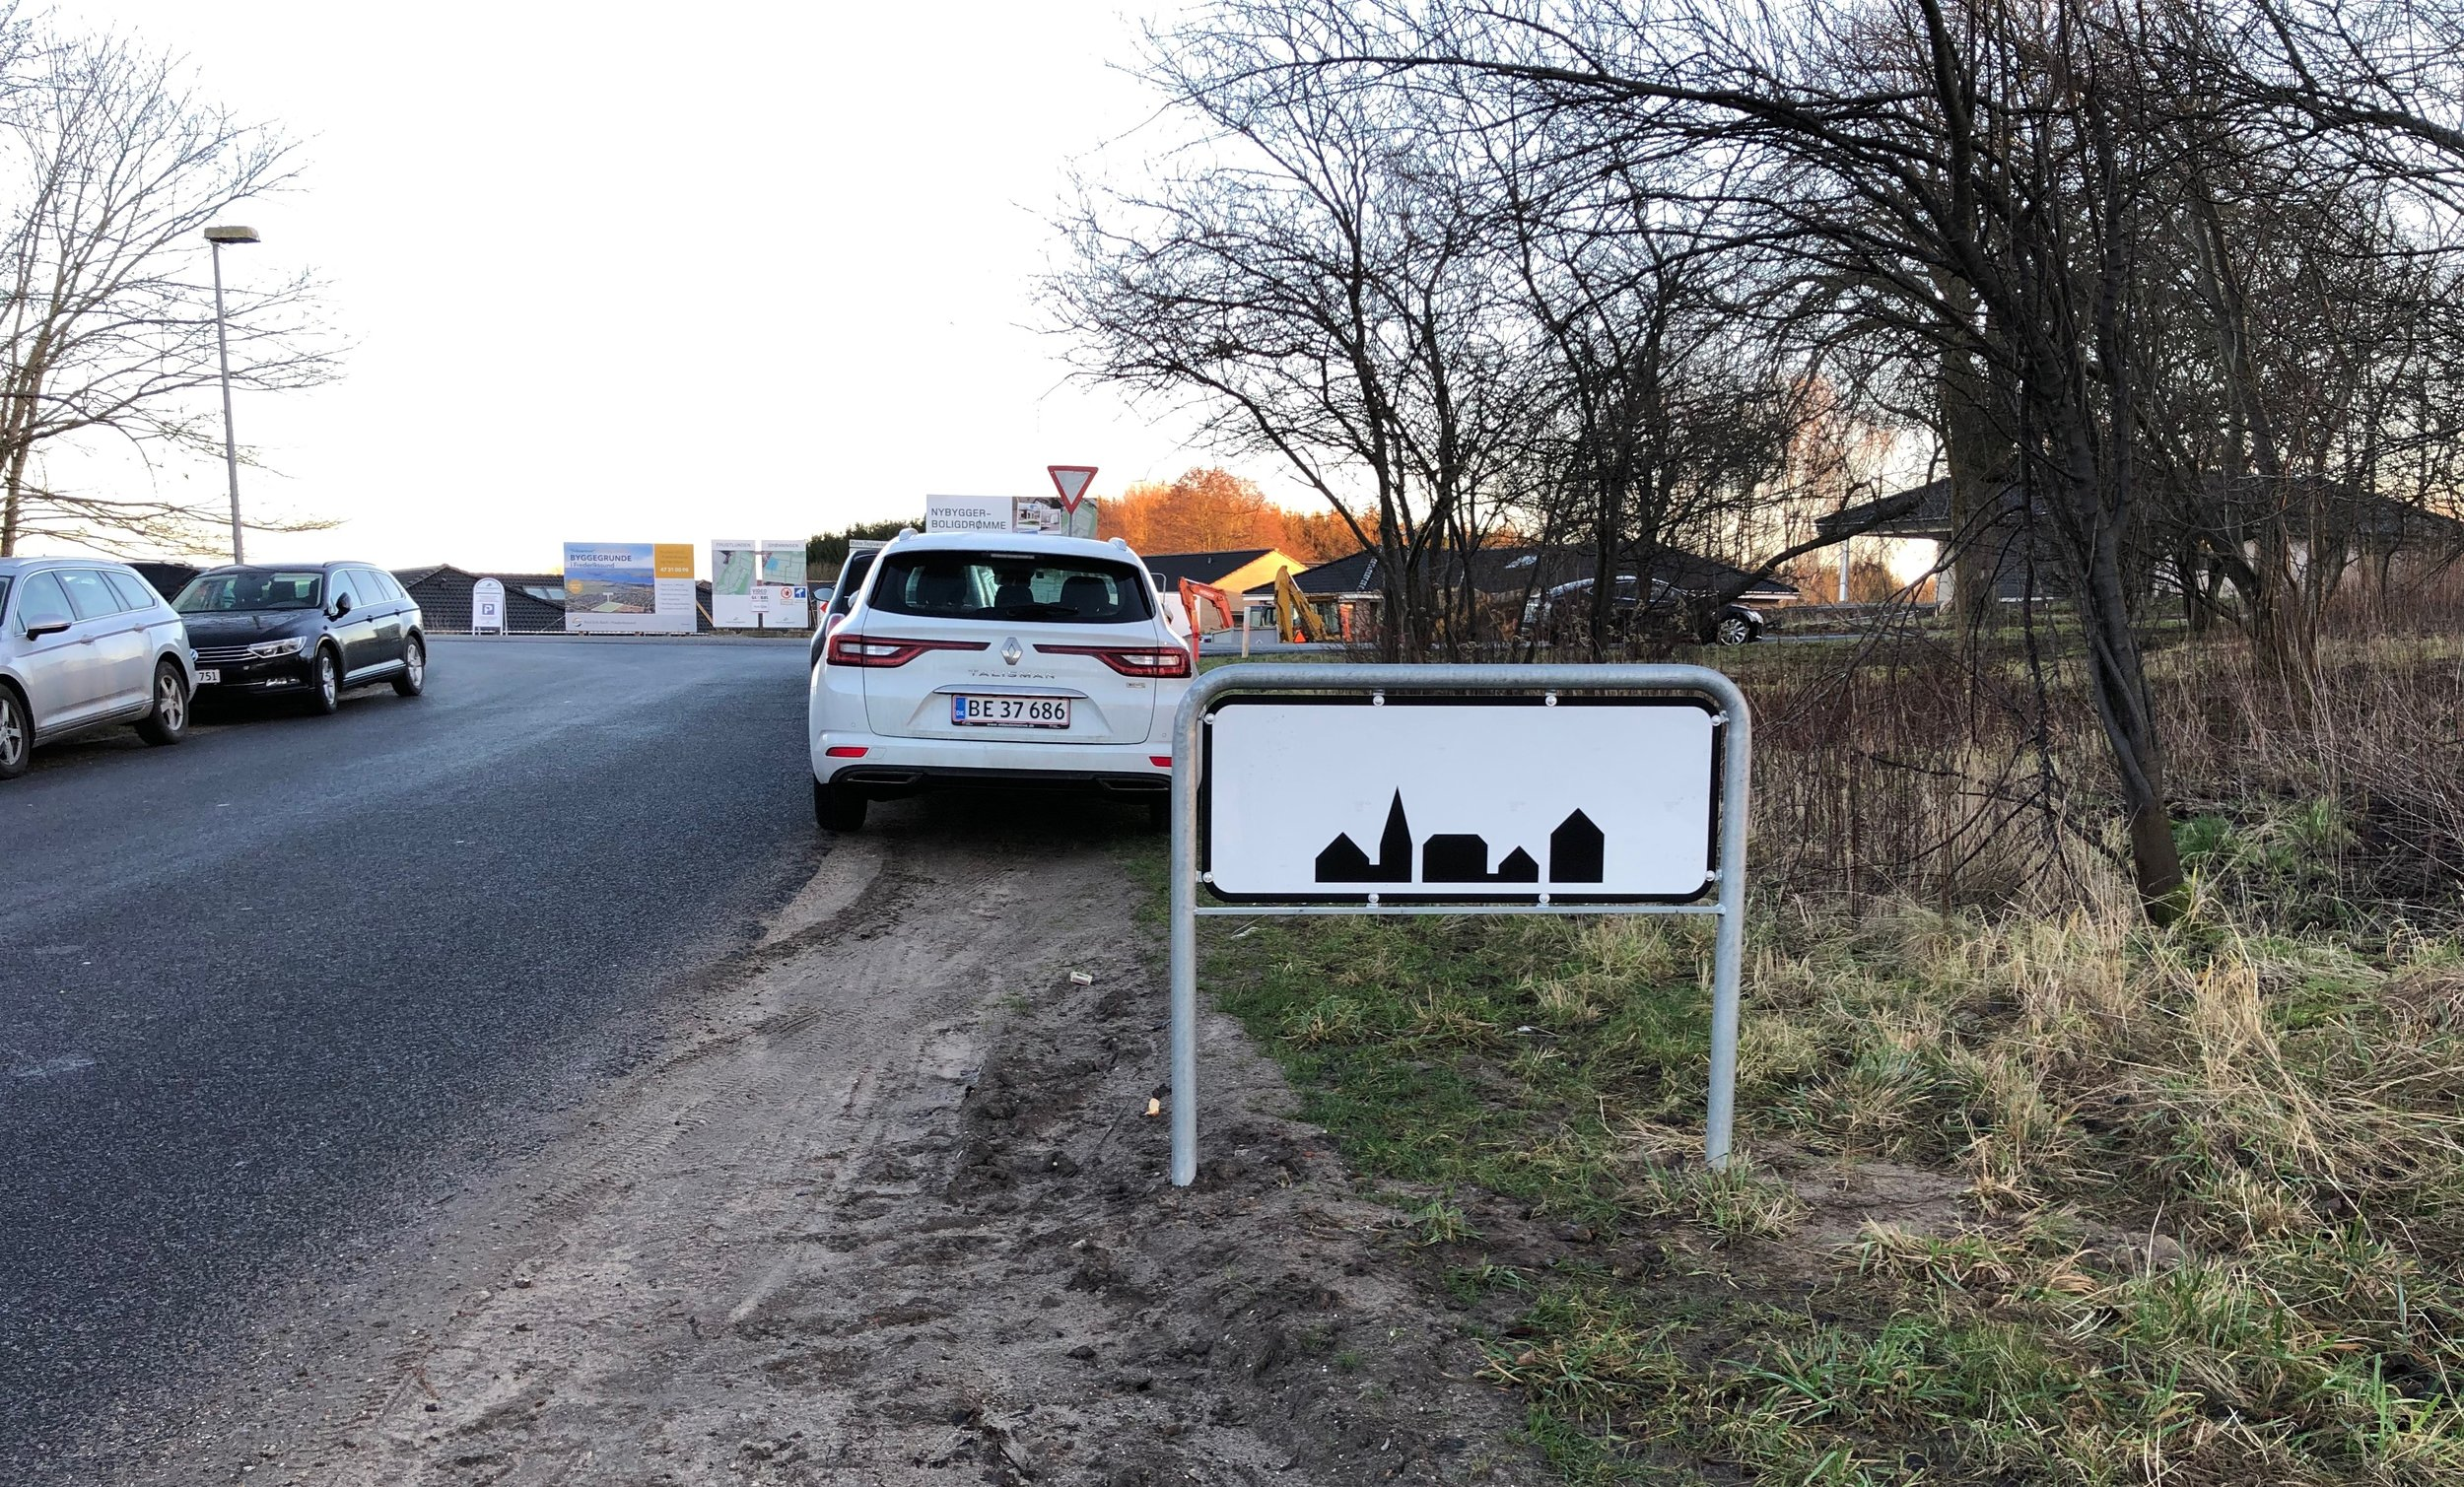 Byskiltet på Blovstrød Teglværksvej viser, at når man har kørt stærkt (80 km/t) på vejen, skal man nu sænke farten til de 50 km/t, idet man nu kommer ind i bymæssige bebyggelse. Det, der er galt er, at hastigheden på hele Blovstrød Teglværksvej er 80km/t, men burde være 50 km/t - lige som på Sortemosevej. Foto: AOB